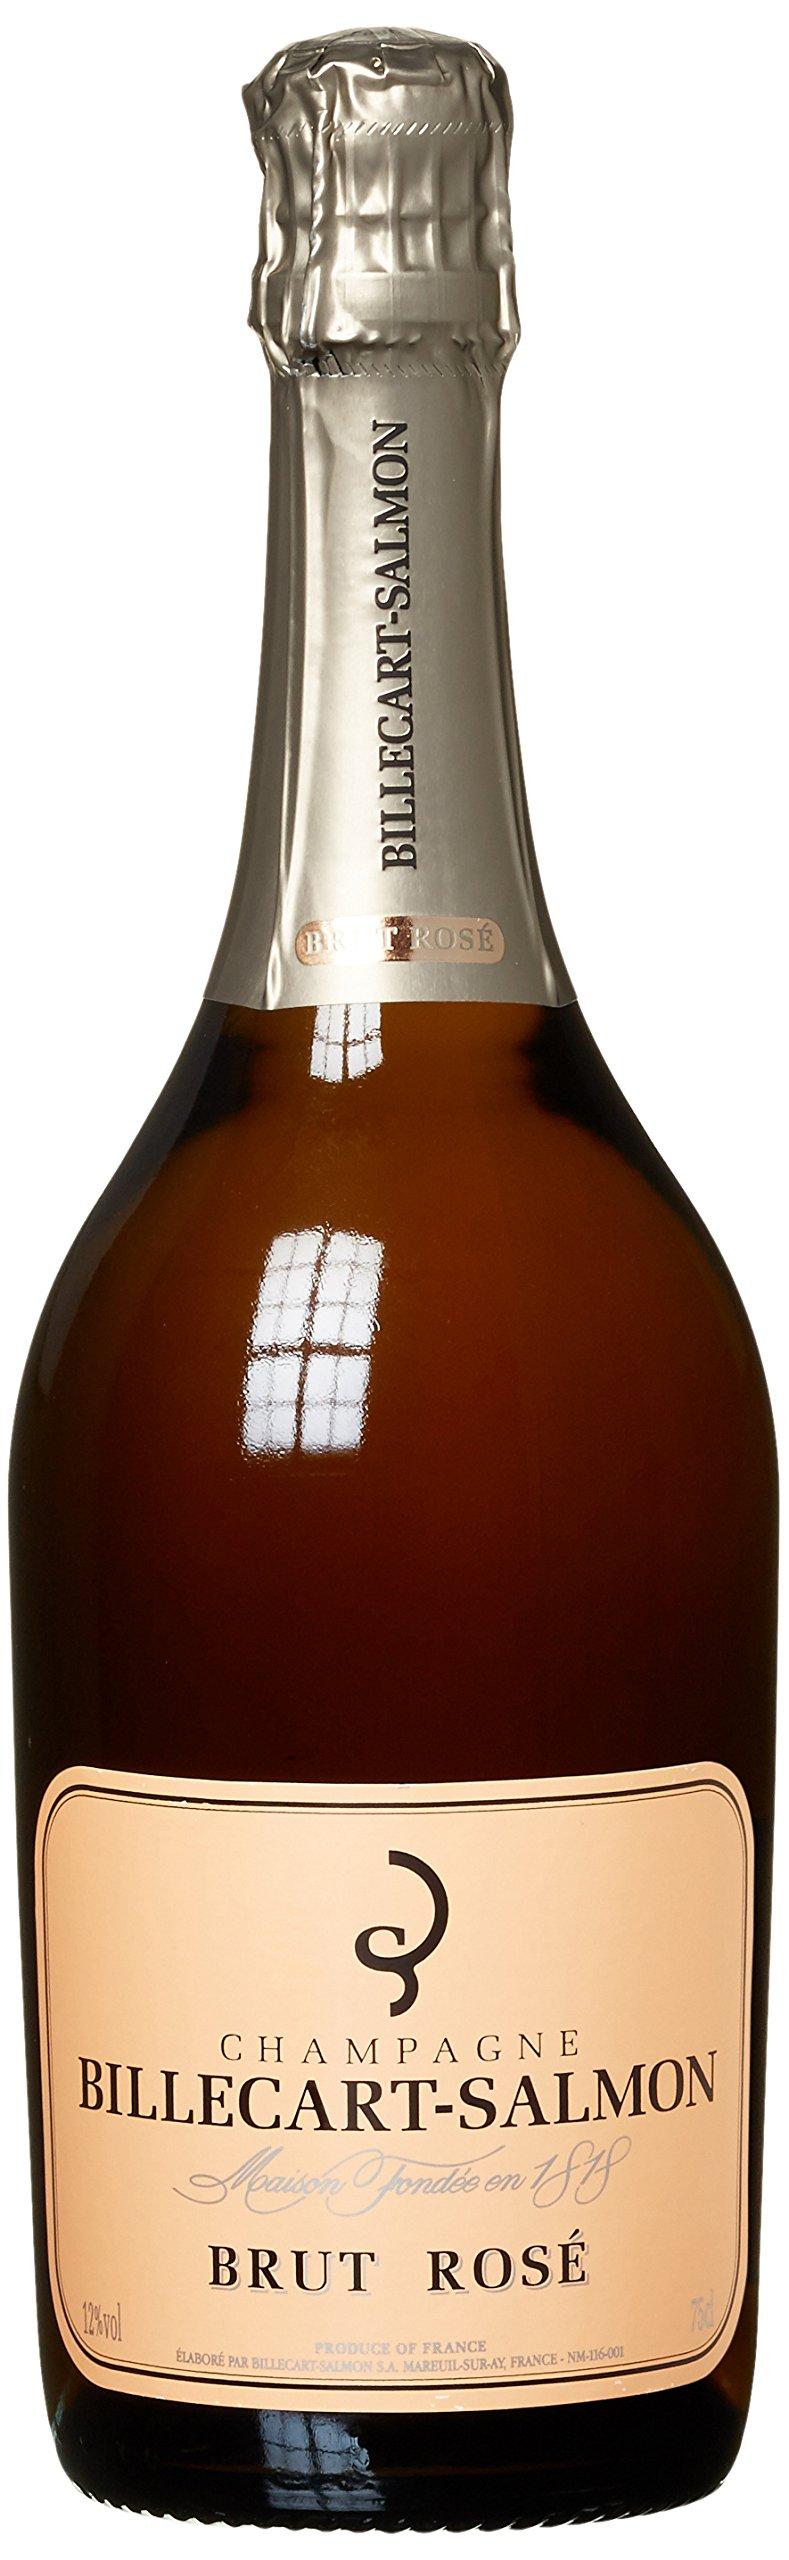 Billecart-Salmon Brut Rose NV Champagne 75 cl